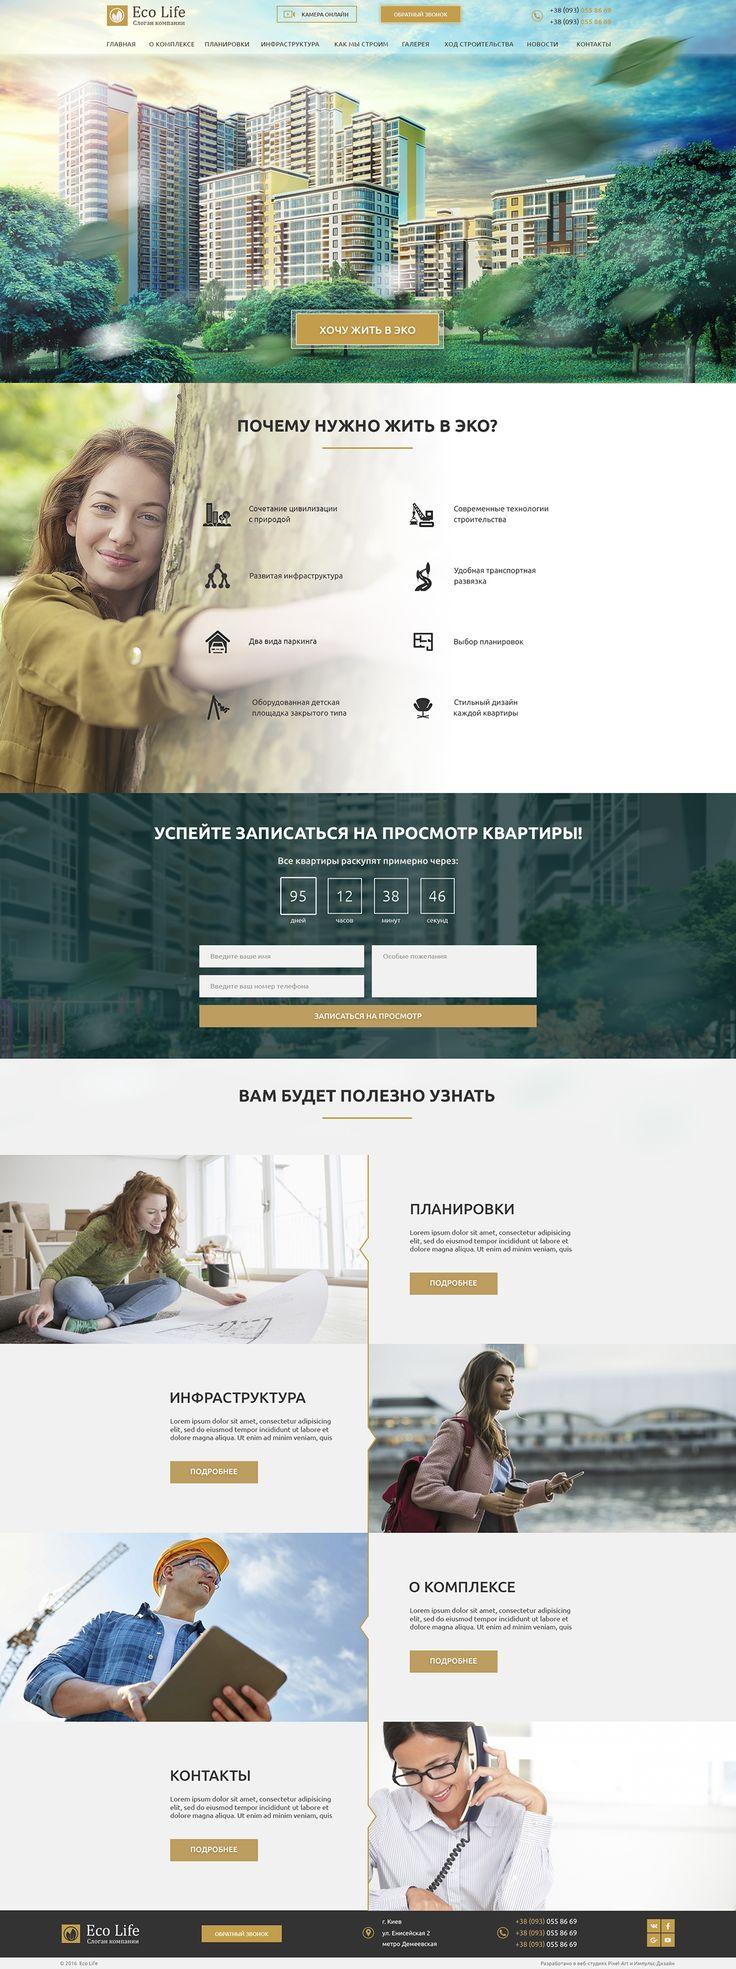 Создание сайта Landing page мультилендинга для Жилого Комплекса Енисейская Усадьба https://impulse-design.com.ua/